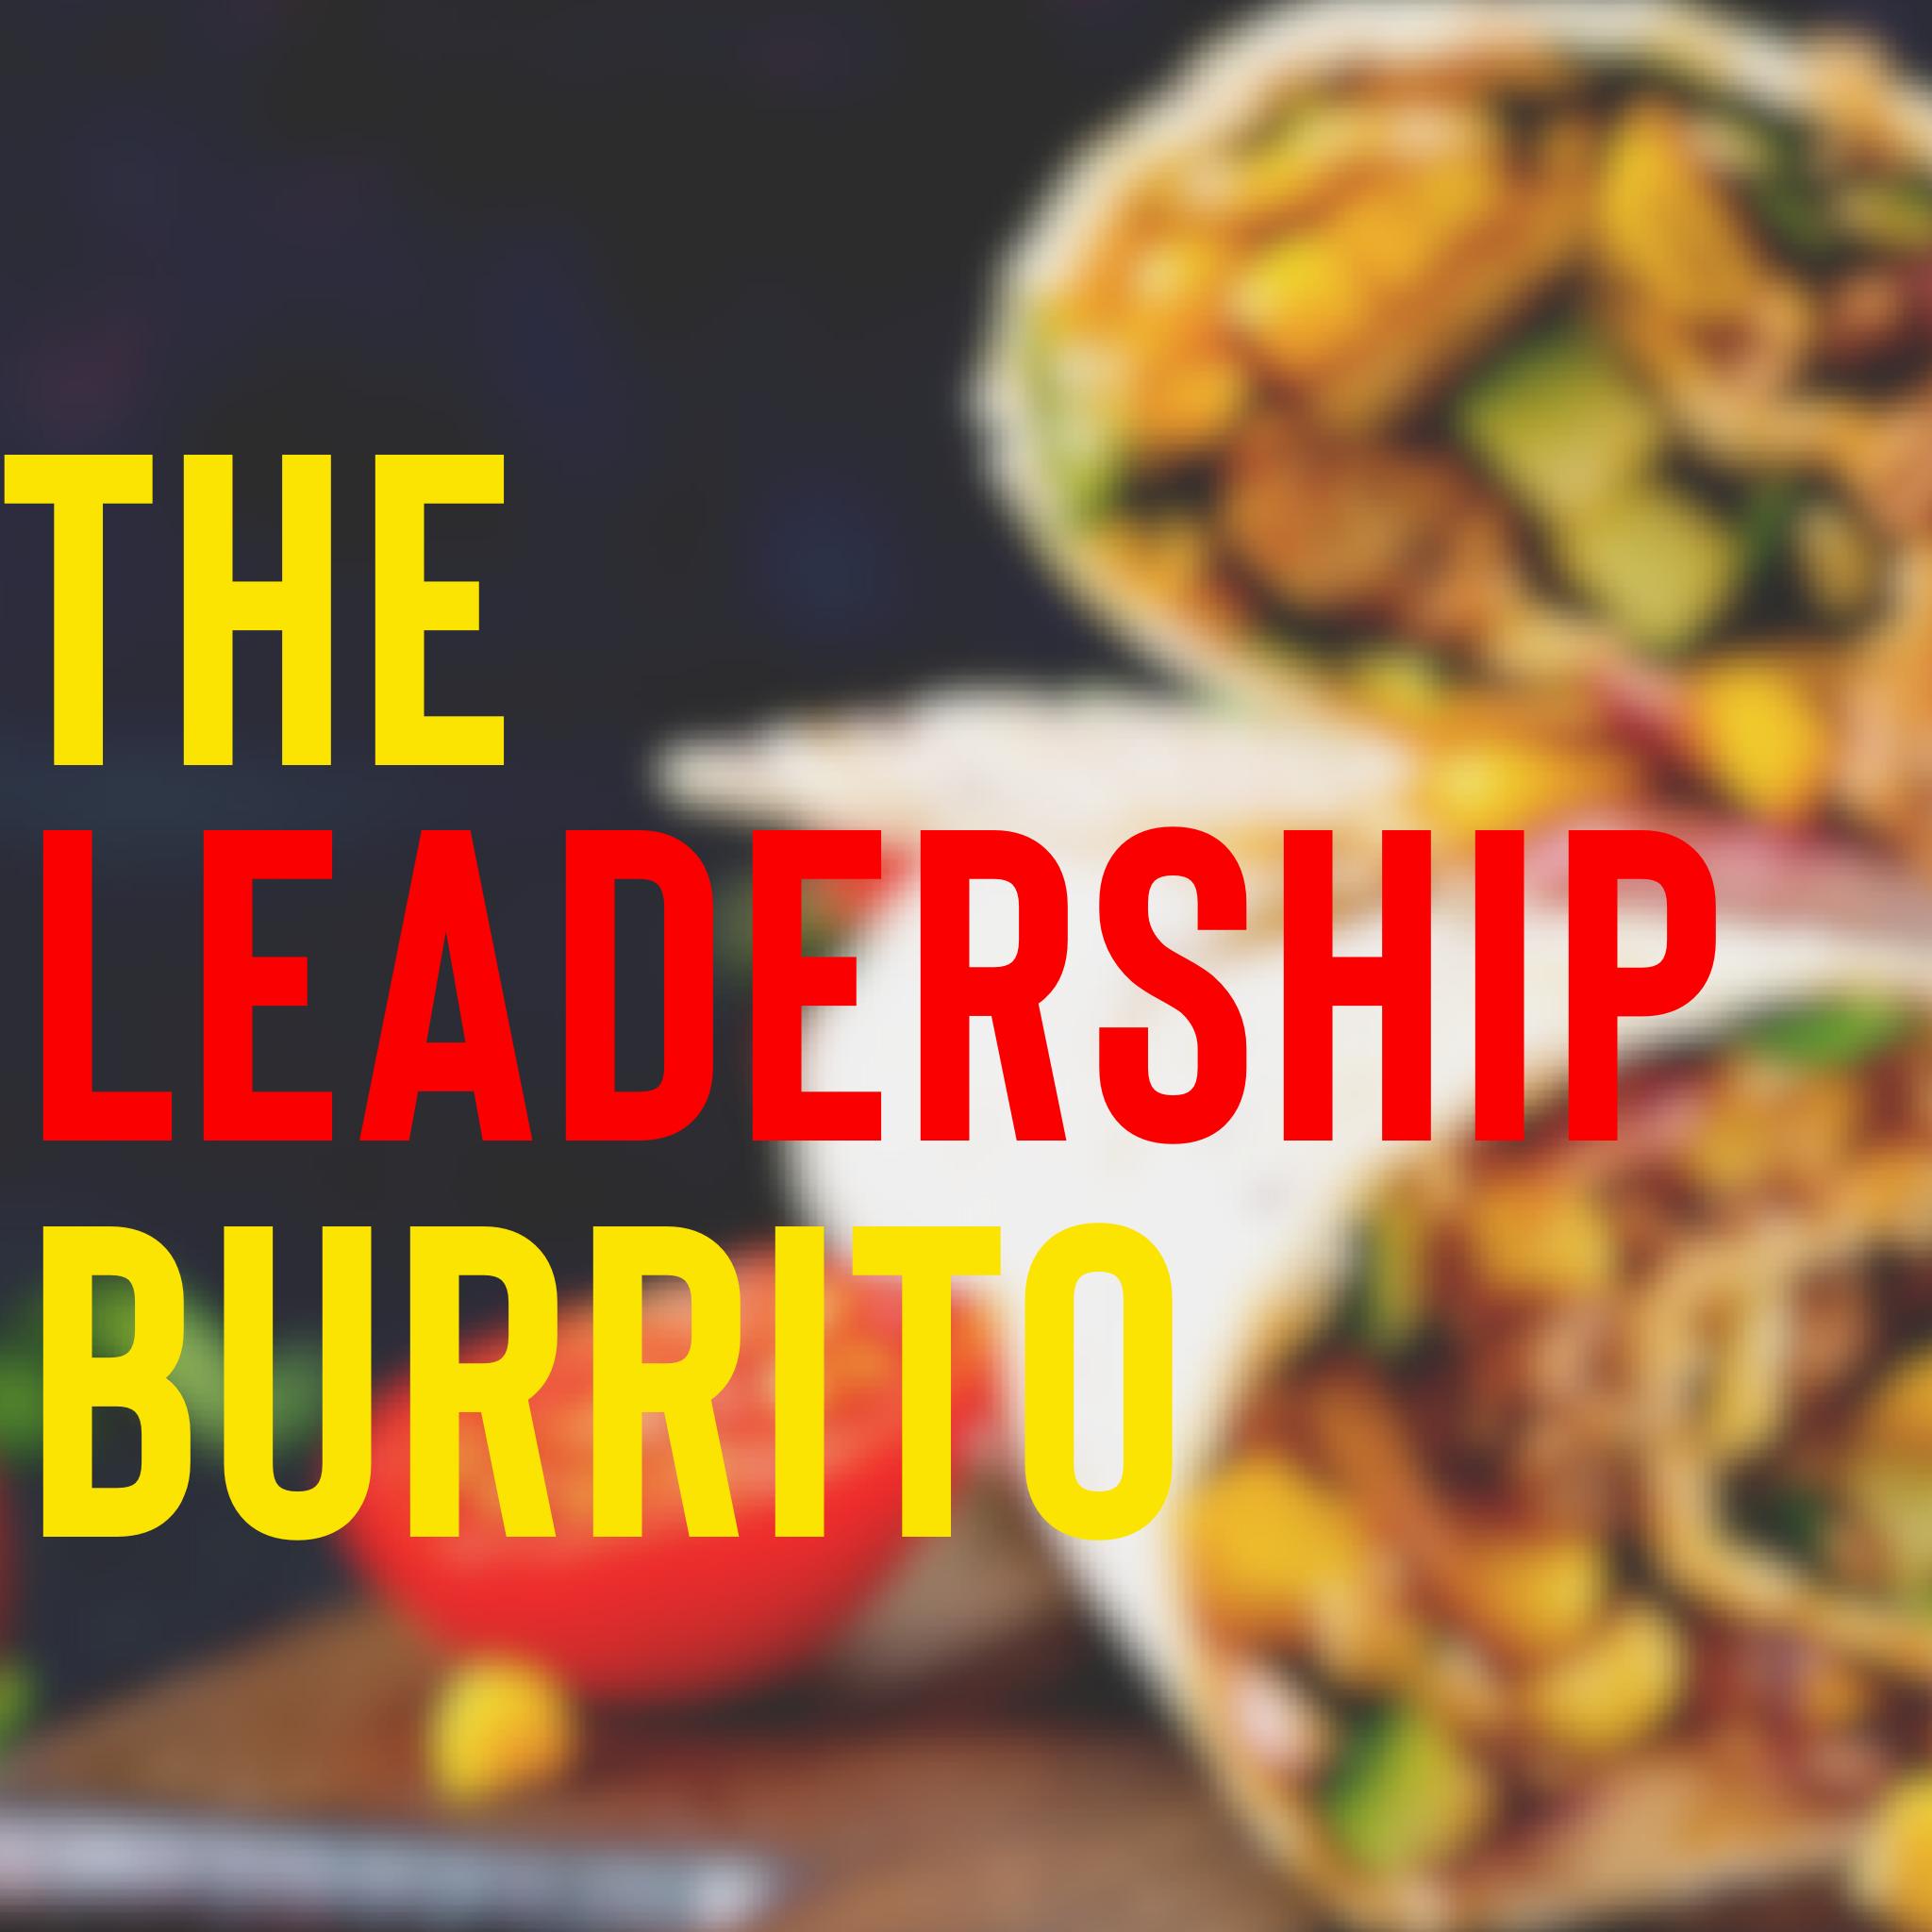 The Leadership Burrito album art